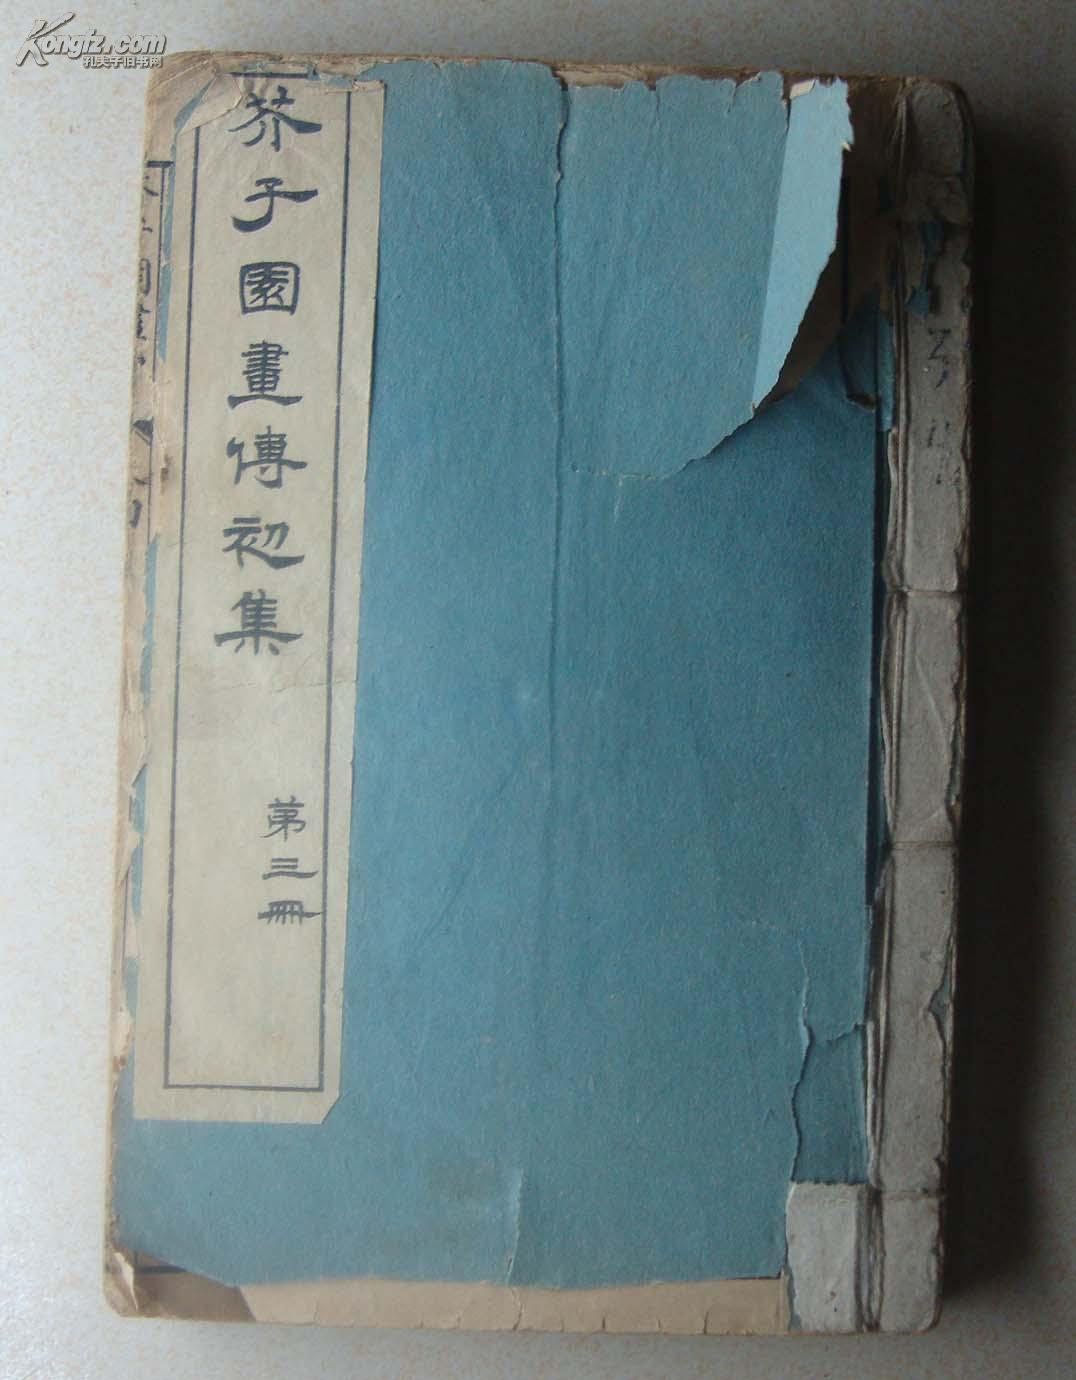 芥子园画传初集,第三(人物屋宇谱),卷四至卷六